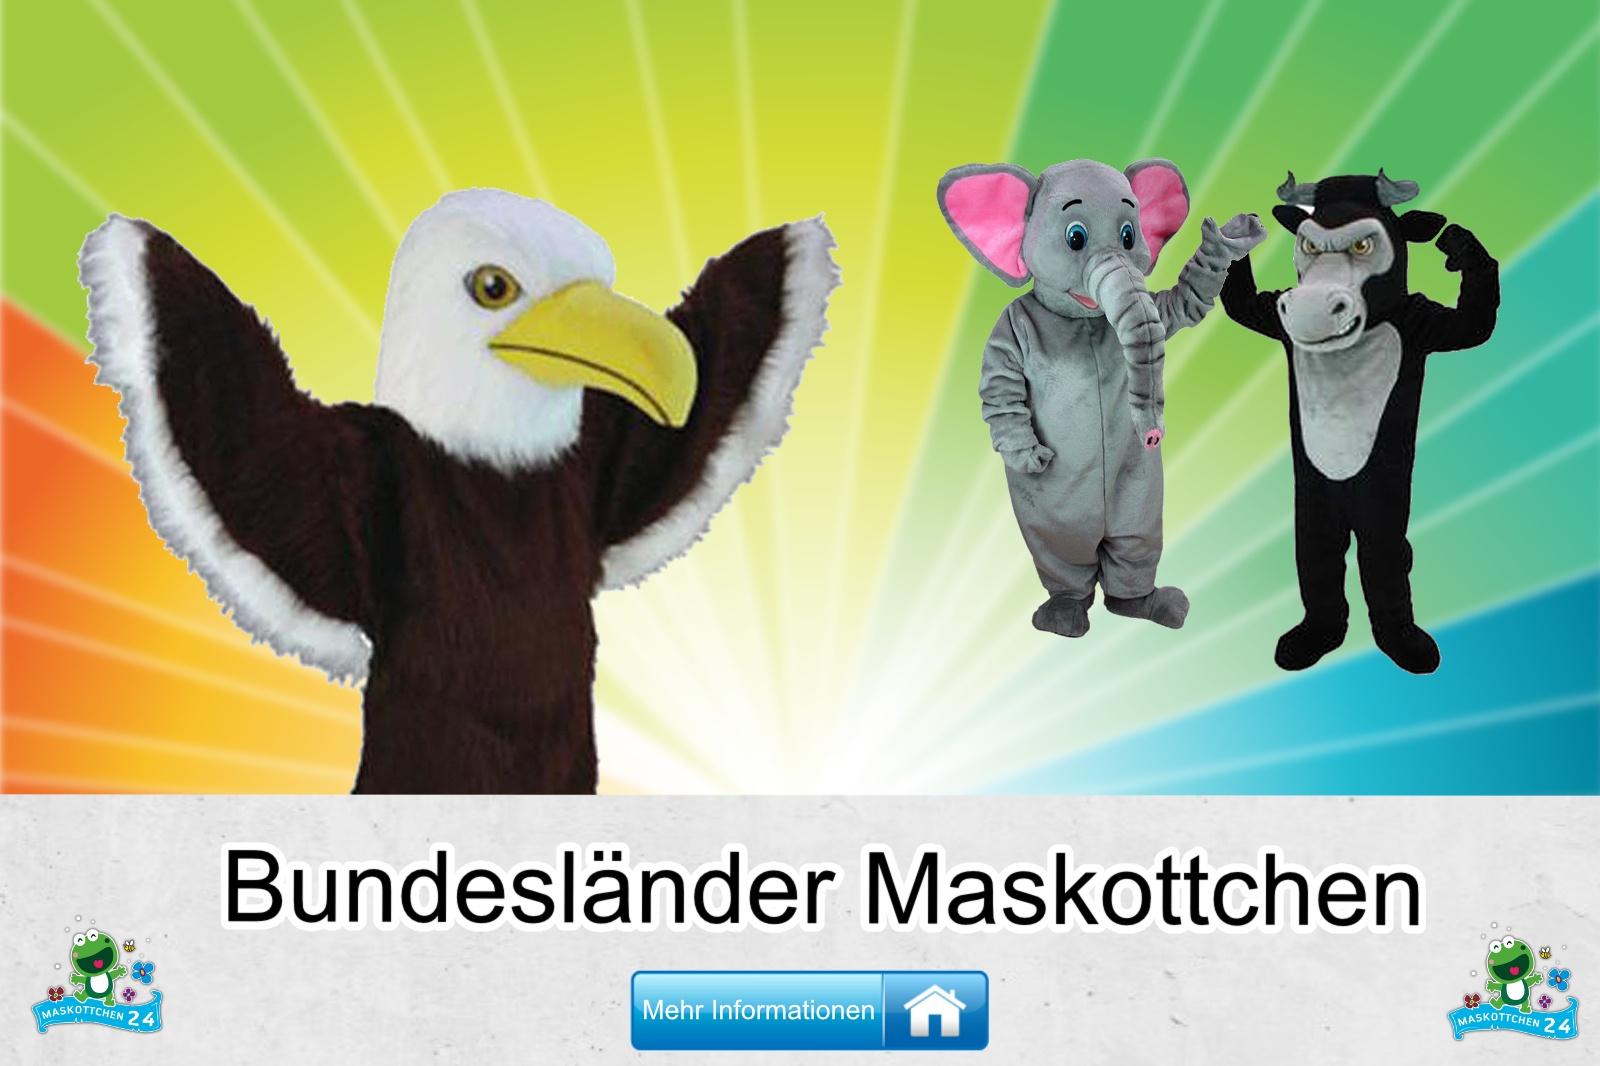 Bundesländer Maskottchen Kostüm kaufen, günstige Produktion / Herstellung